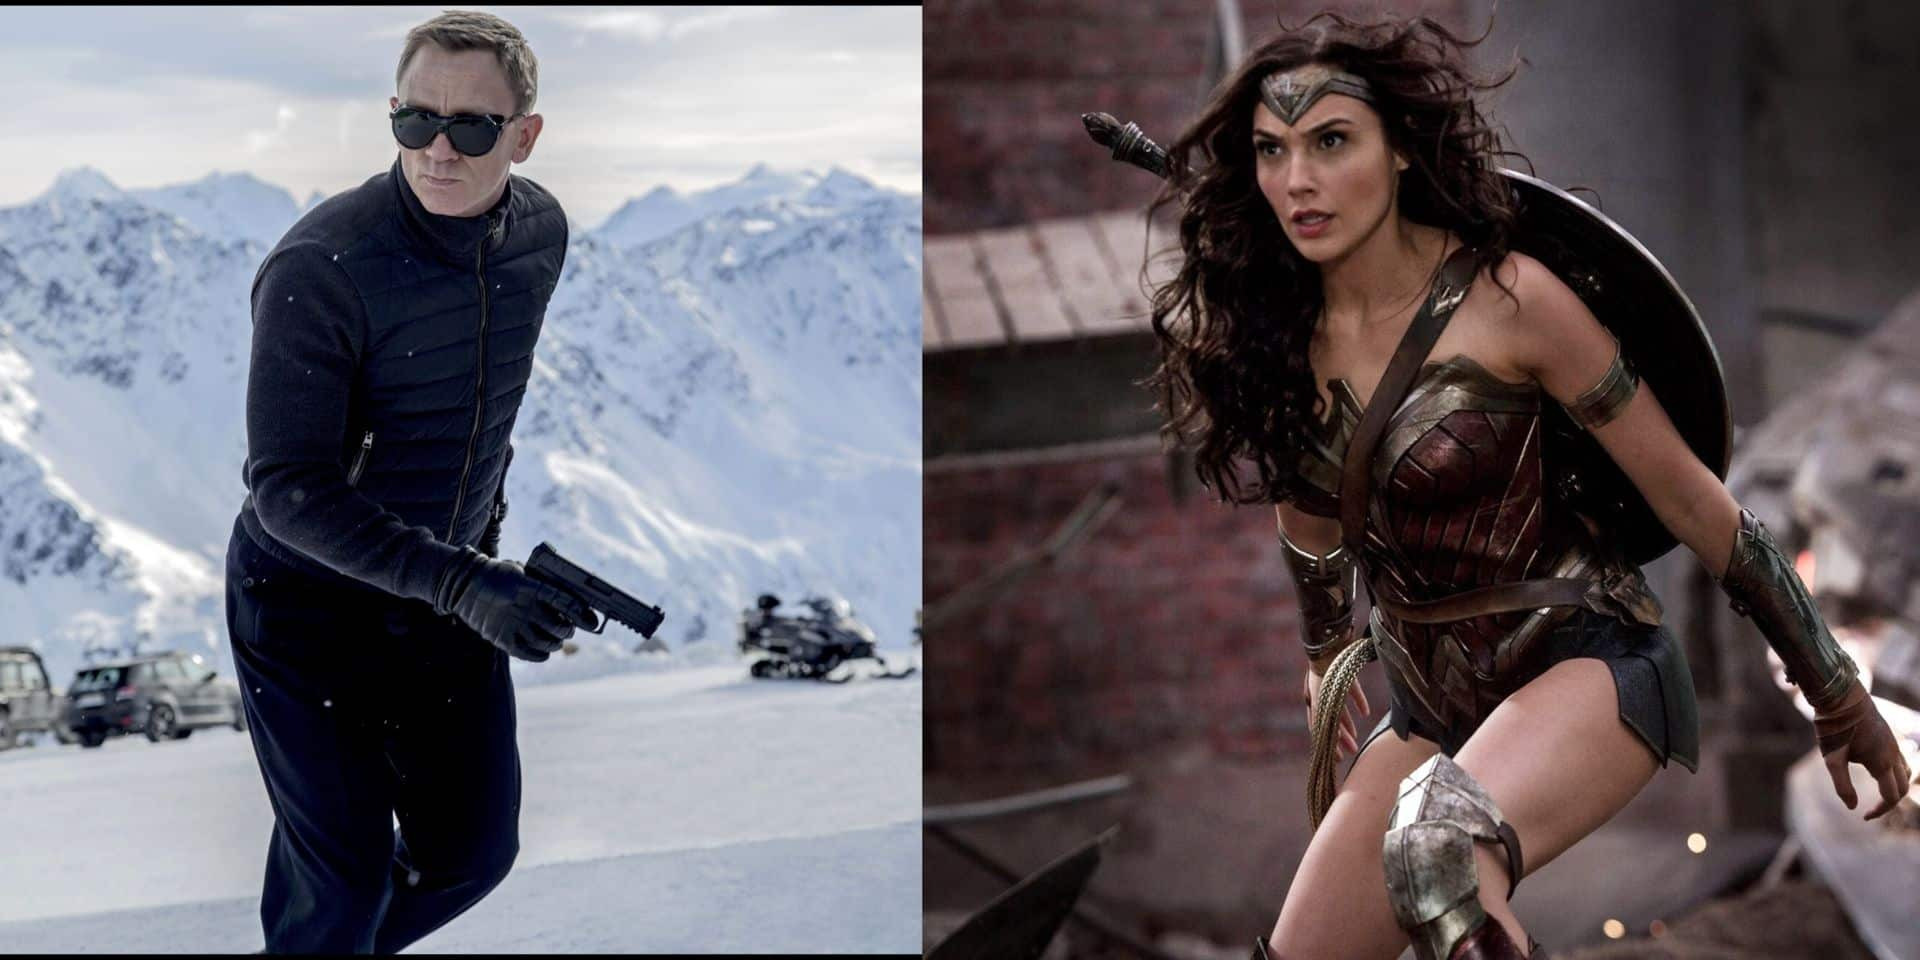 Déprogrammations en série pour les blockbusters américains: le covid plus fort que les dinos, 007 ou les super-héros